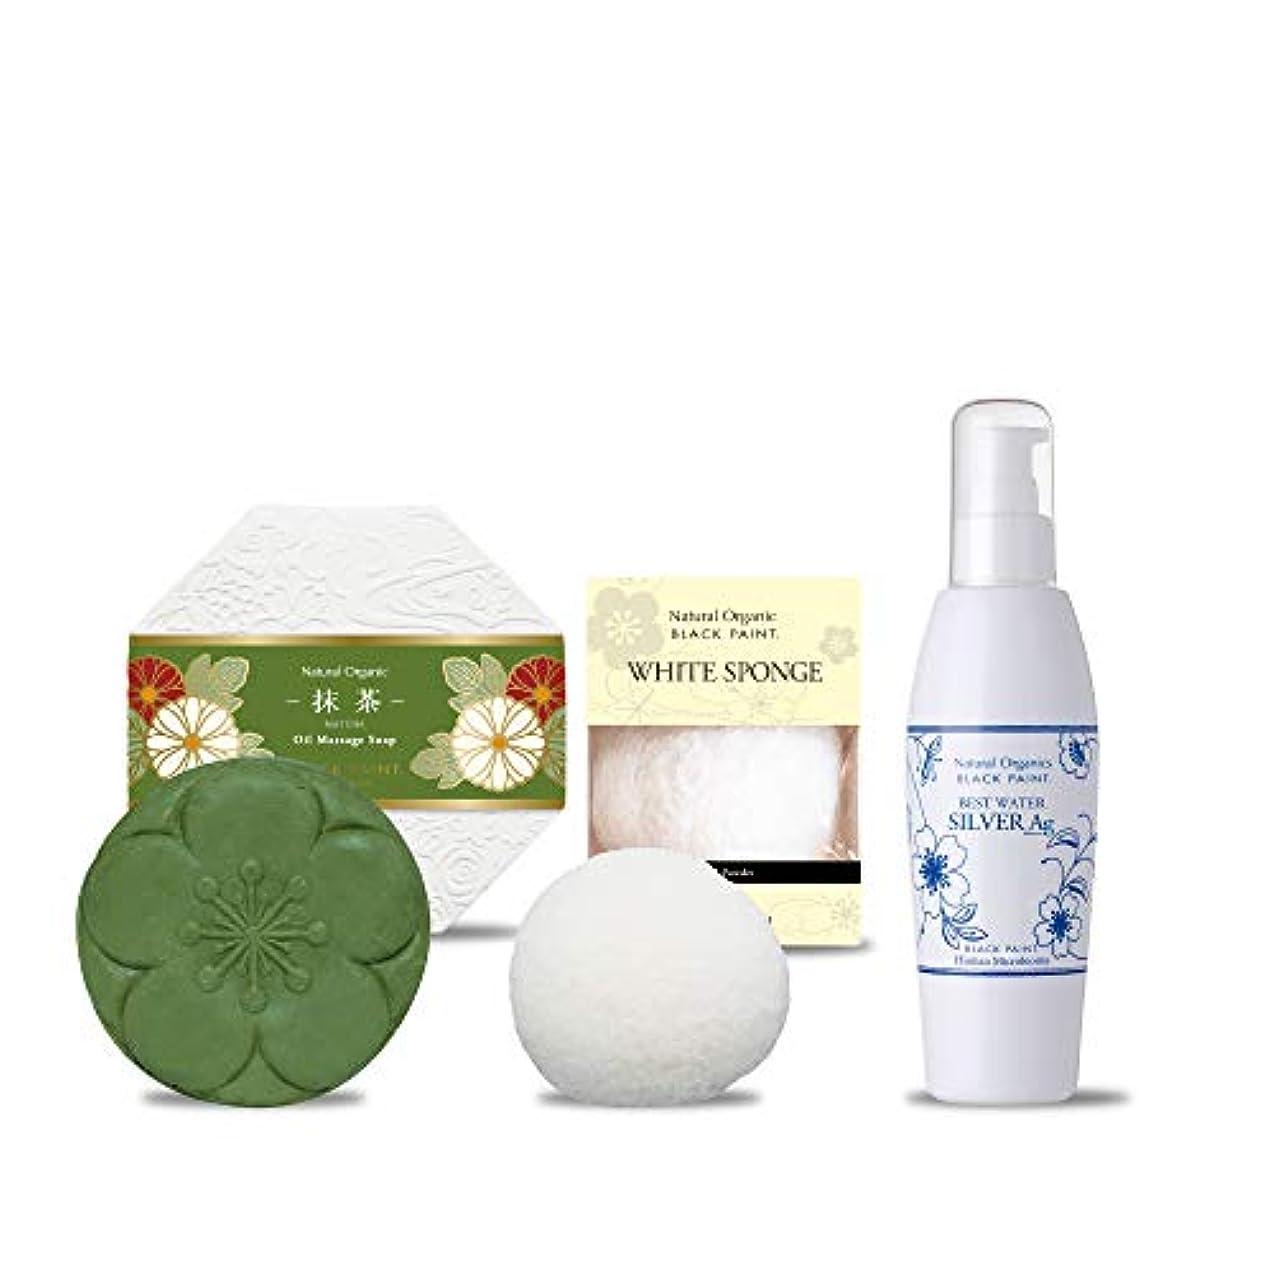 愛する物理的な契約する京のお茶石鹸 抹茶120g&ホワイトスポンジ&プレミアムベストウォーターシルバーAg100ml スキンケア洗顔セット